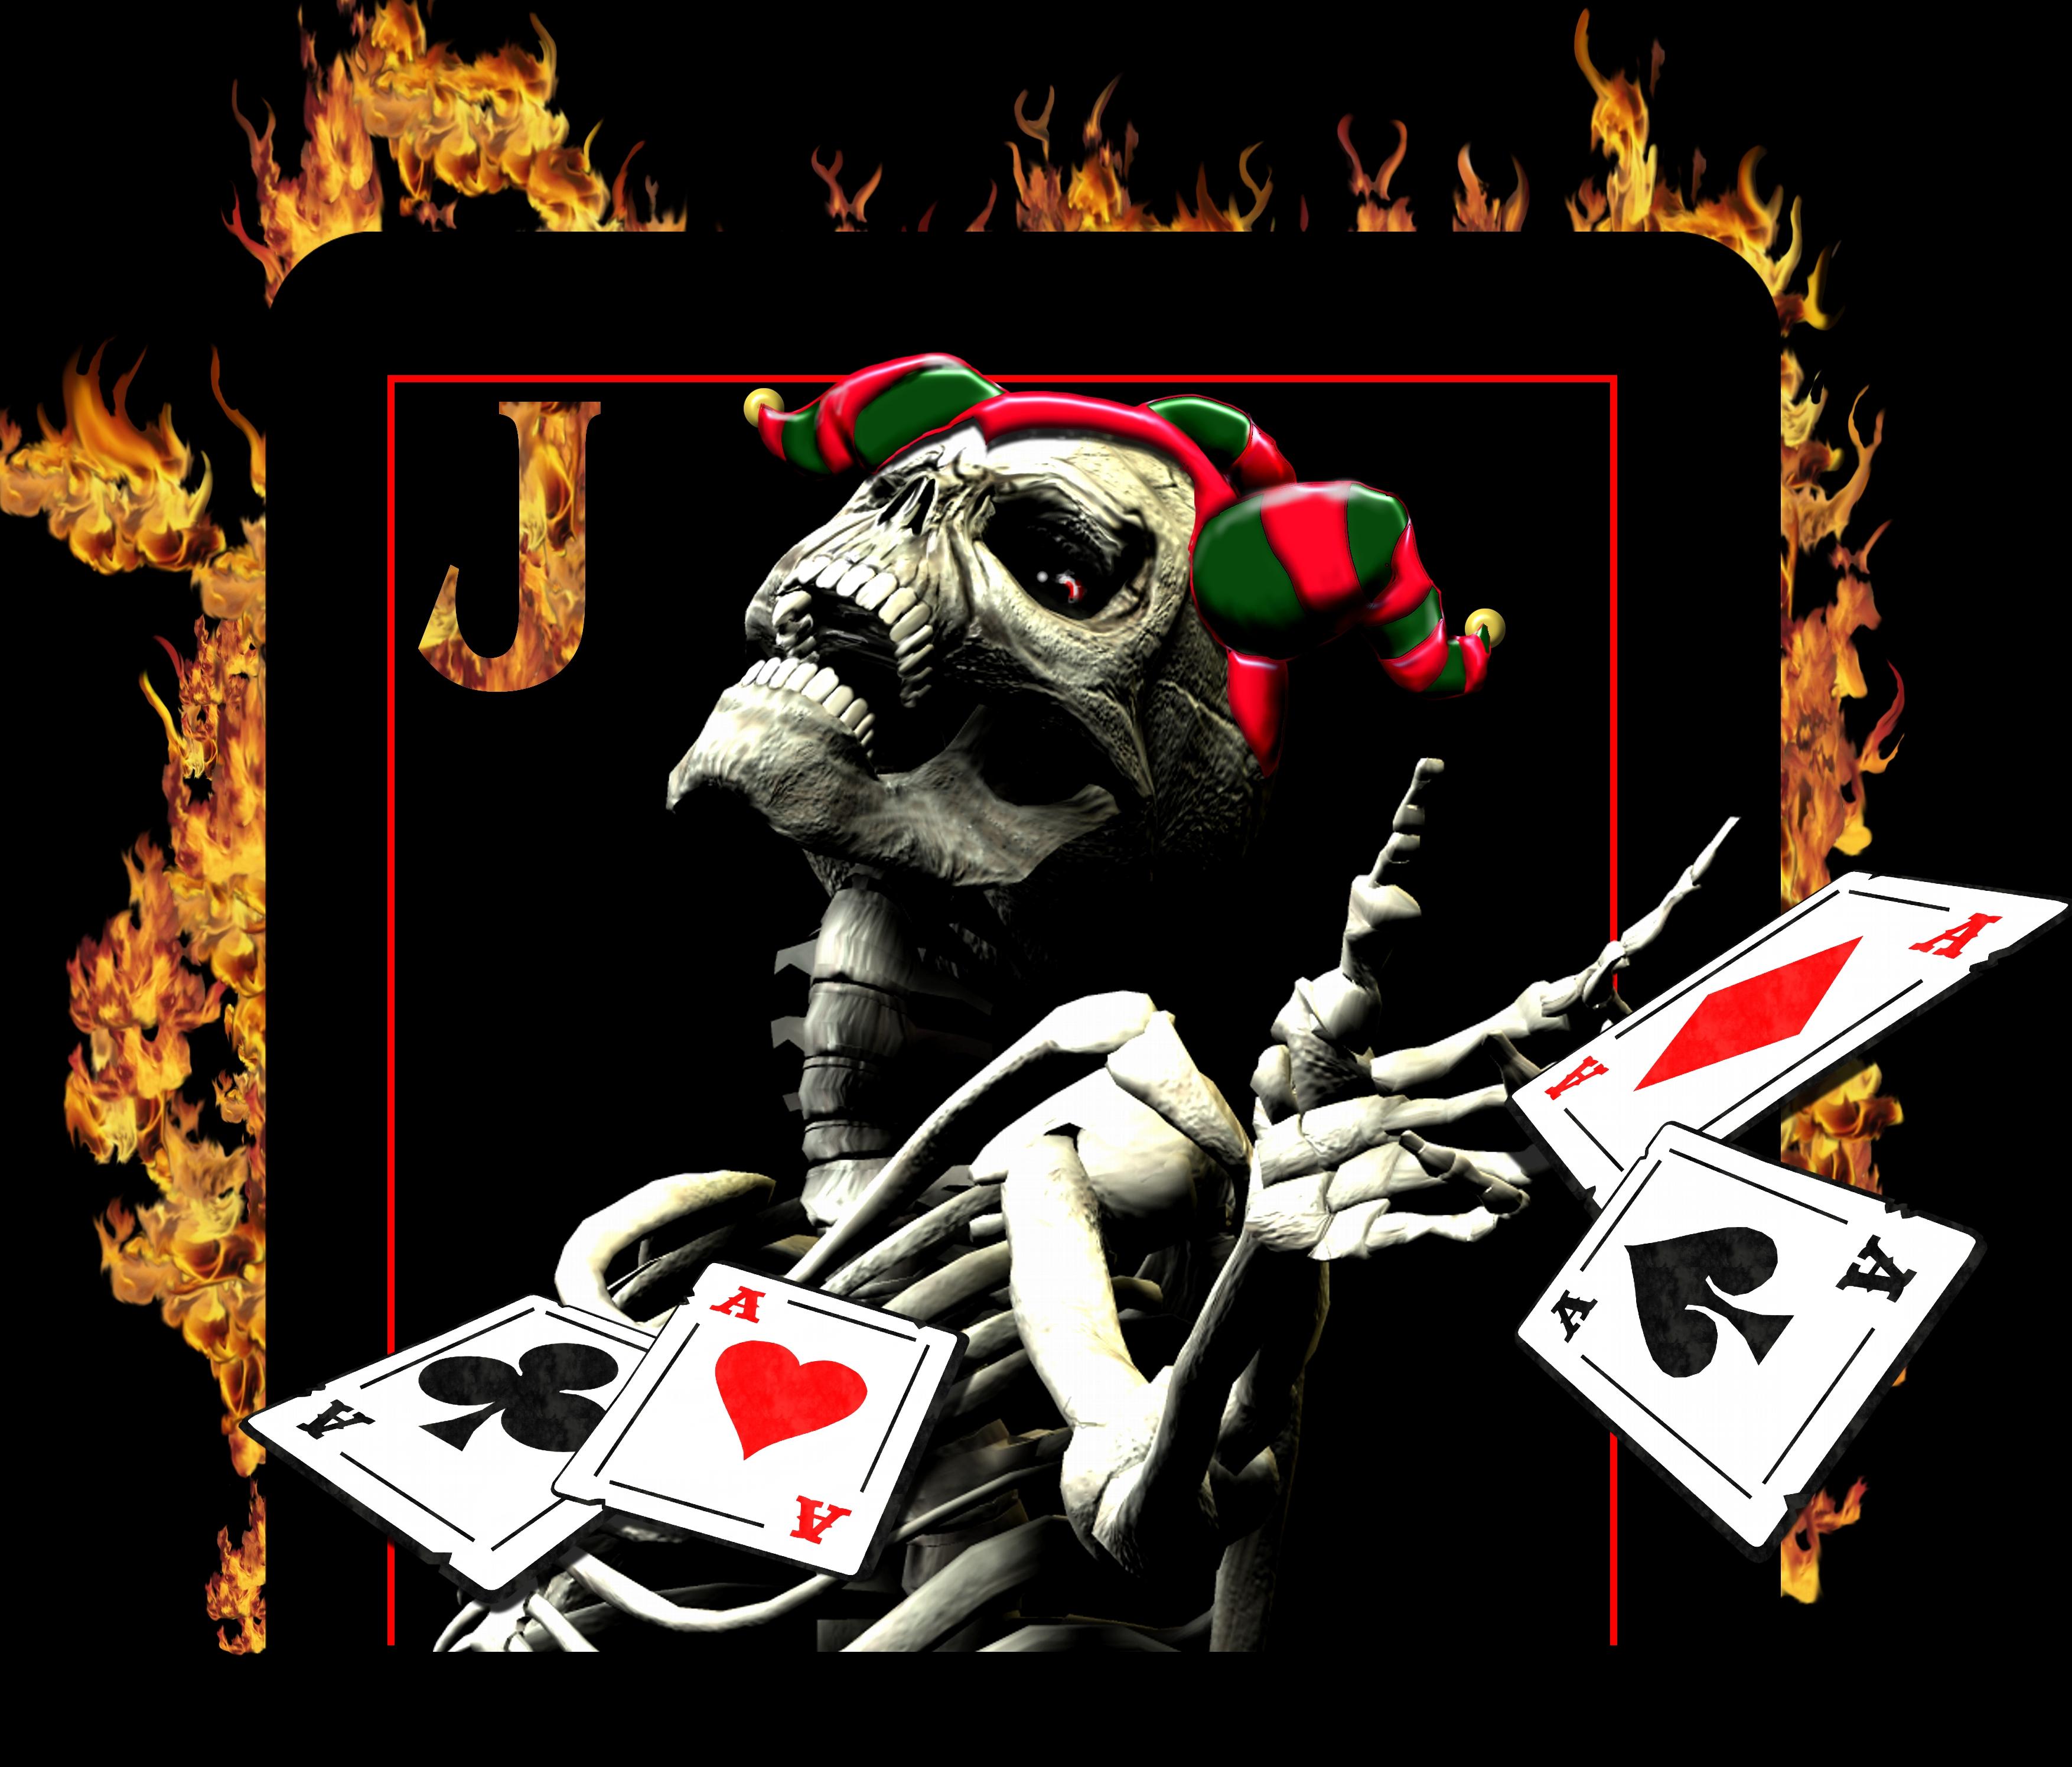 joker cardcgartner on deviantart